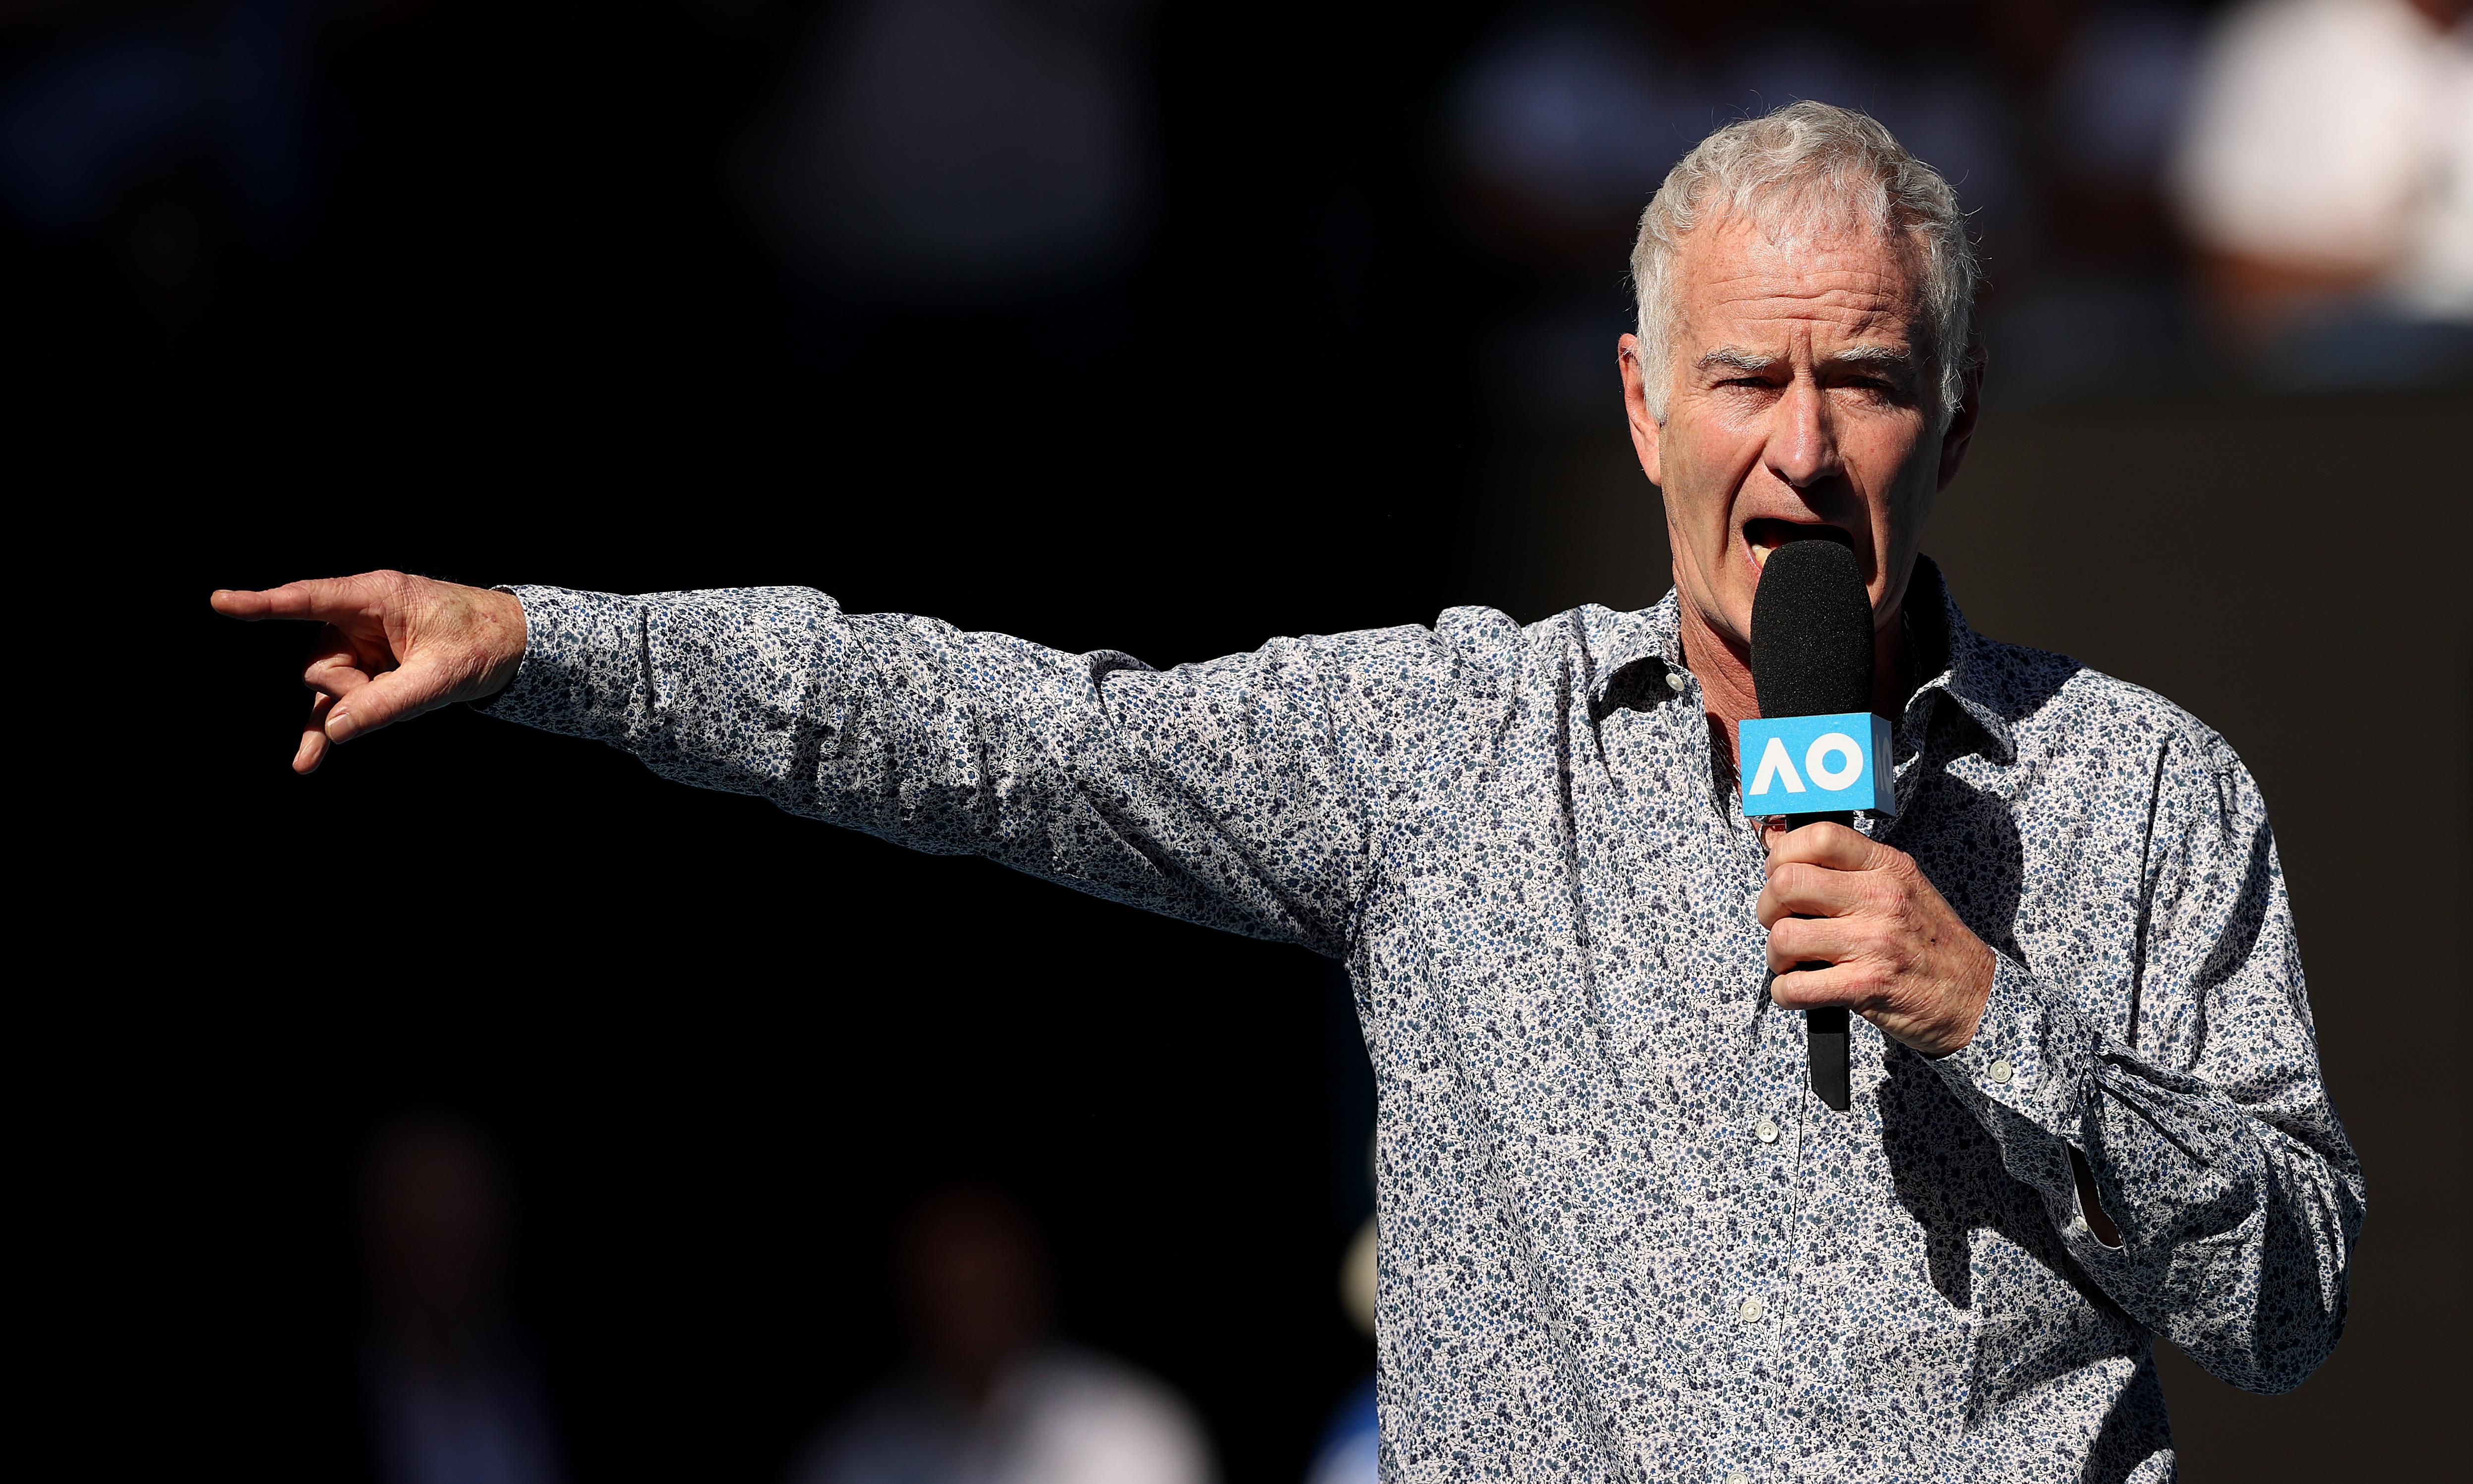 John McEnroe slams Margaret Court as the 'crazy aunt' of tennis